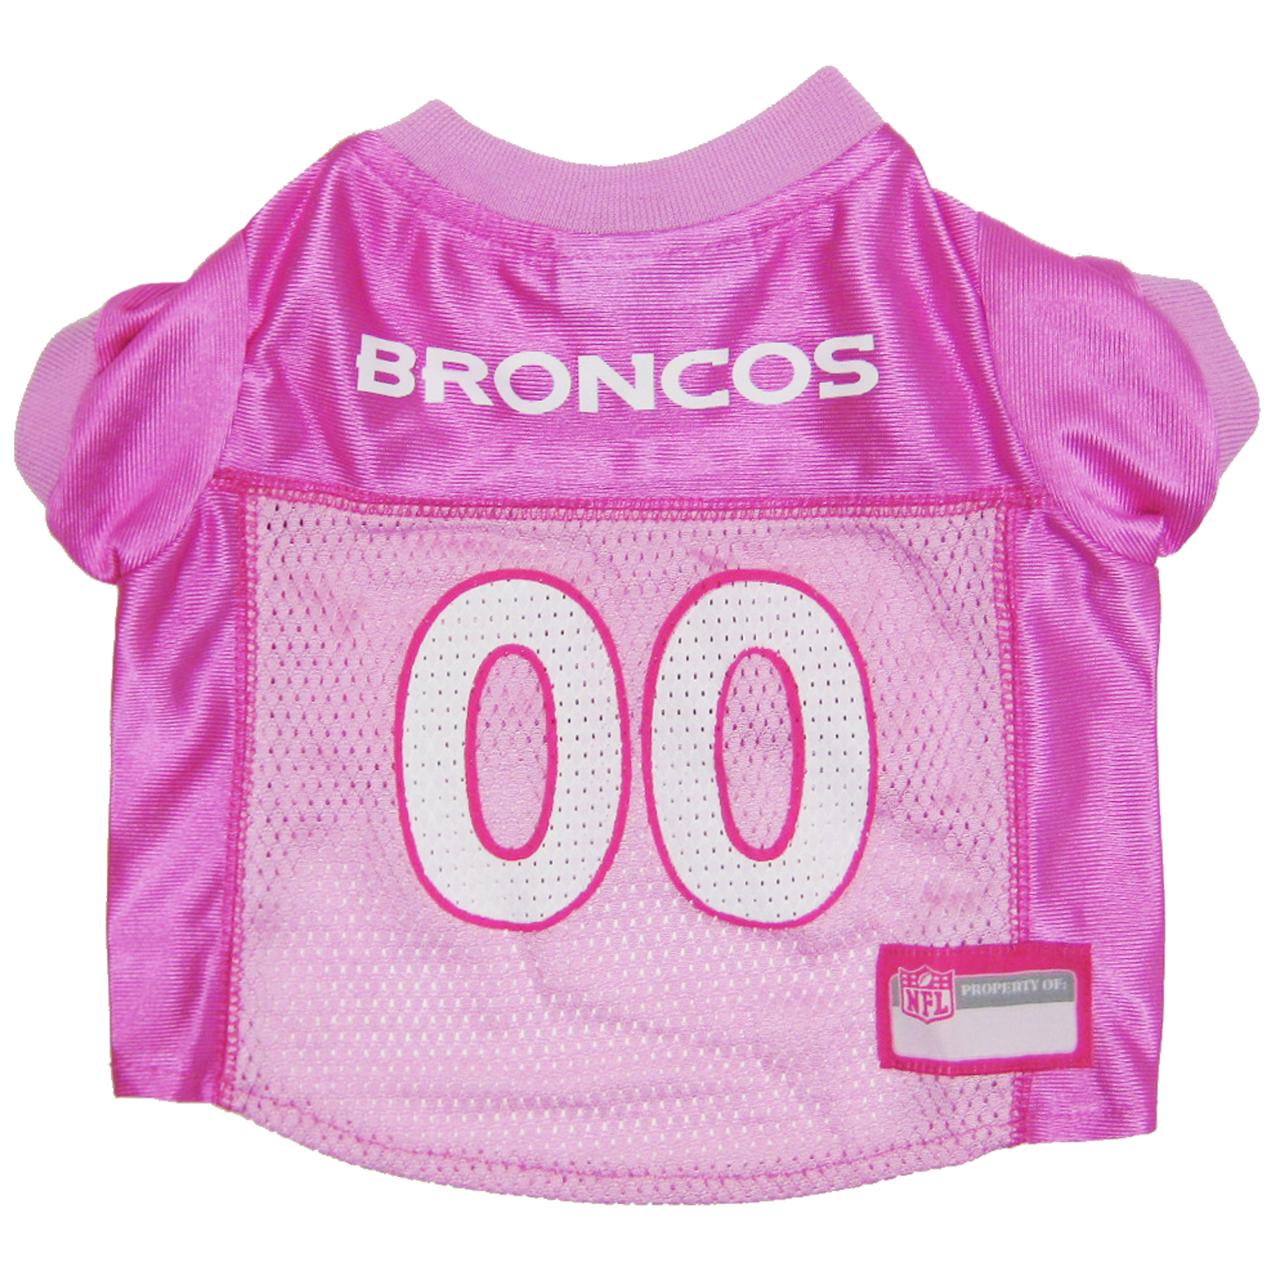 Hot Dog Denver Broncos PINK NFL Football Pet/ Dog Jersey